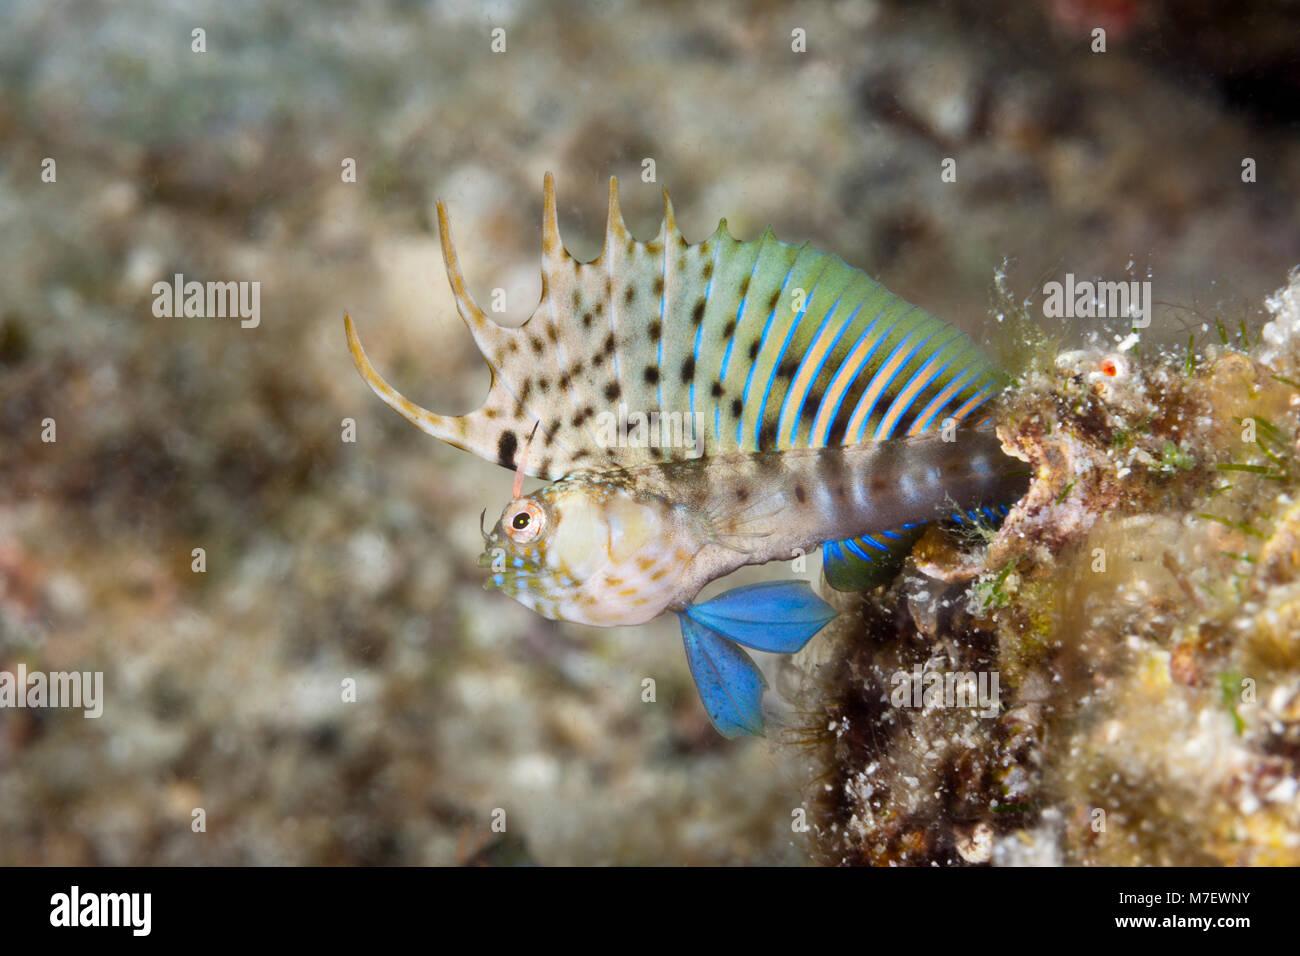 Schwer fassbaren Signal Schleimfische in bedrohlichen Haltung, Emblemaria Chamaecistus, La Paz, Baja California Stockbild